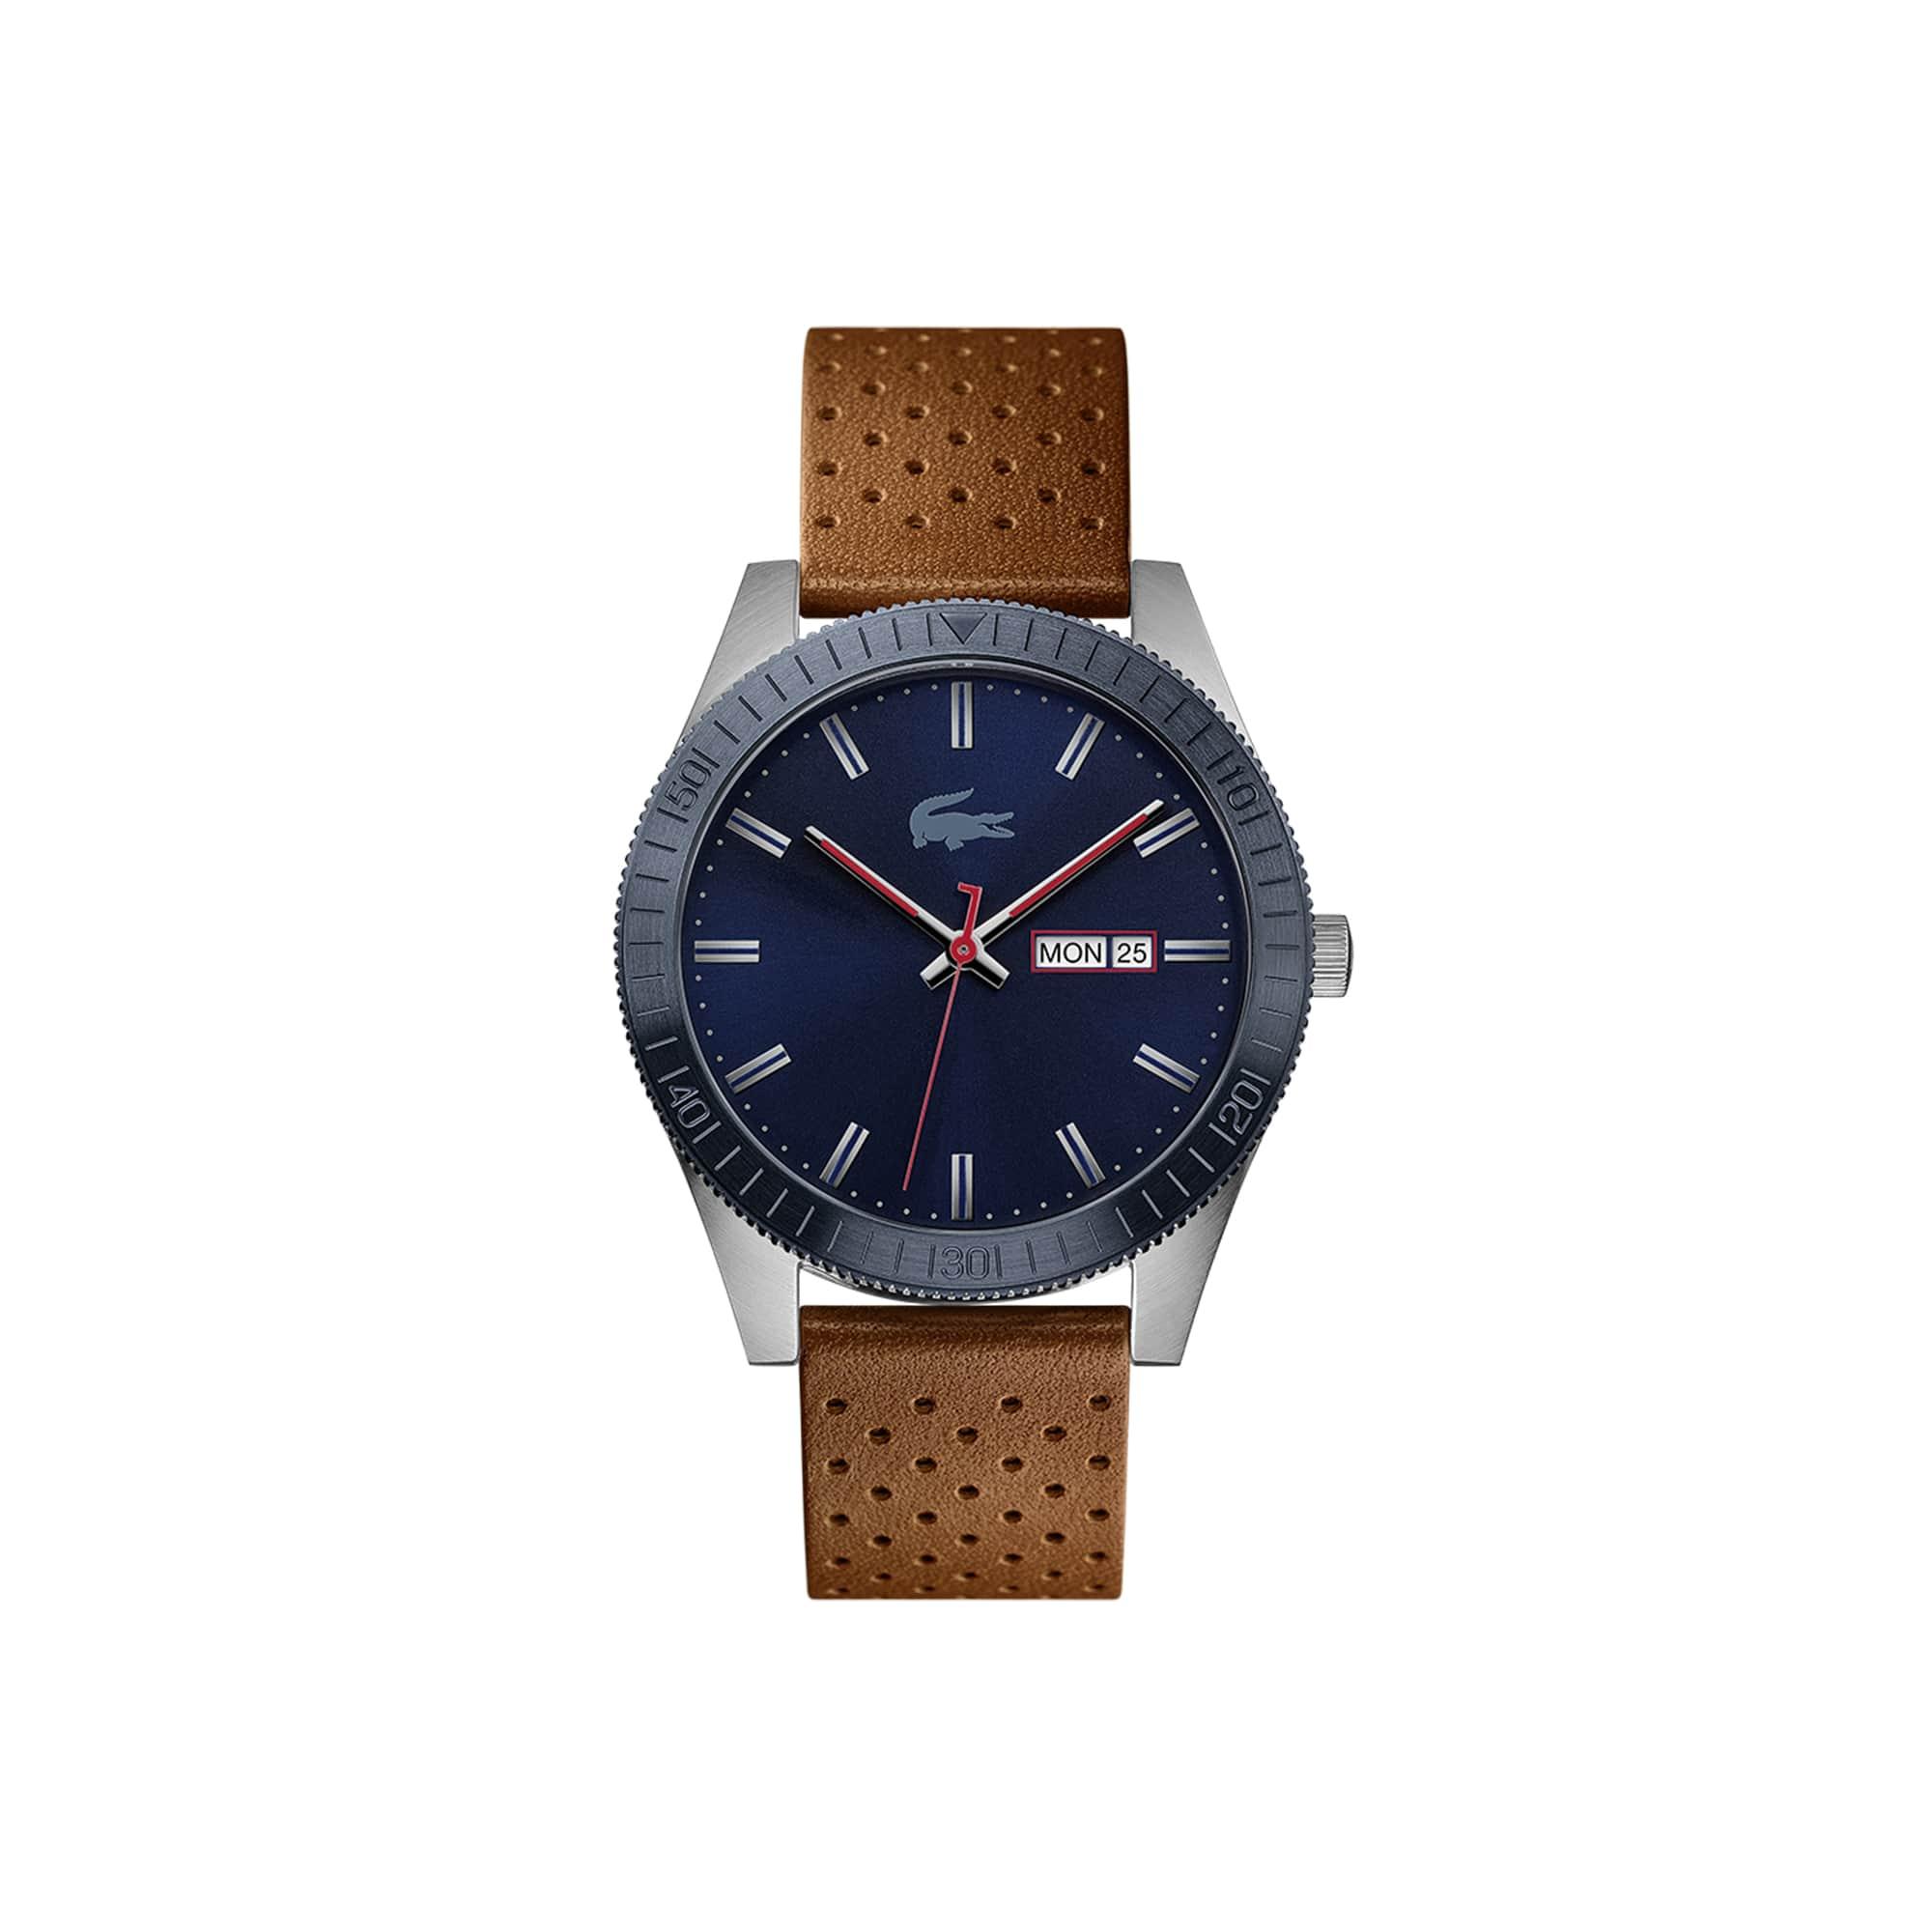 3d81179aabdb Reloj de Hombre Lacoste Legacy con Correa de Piel Perforada Marrón